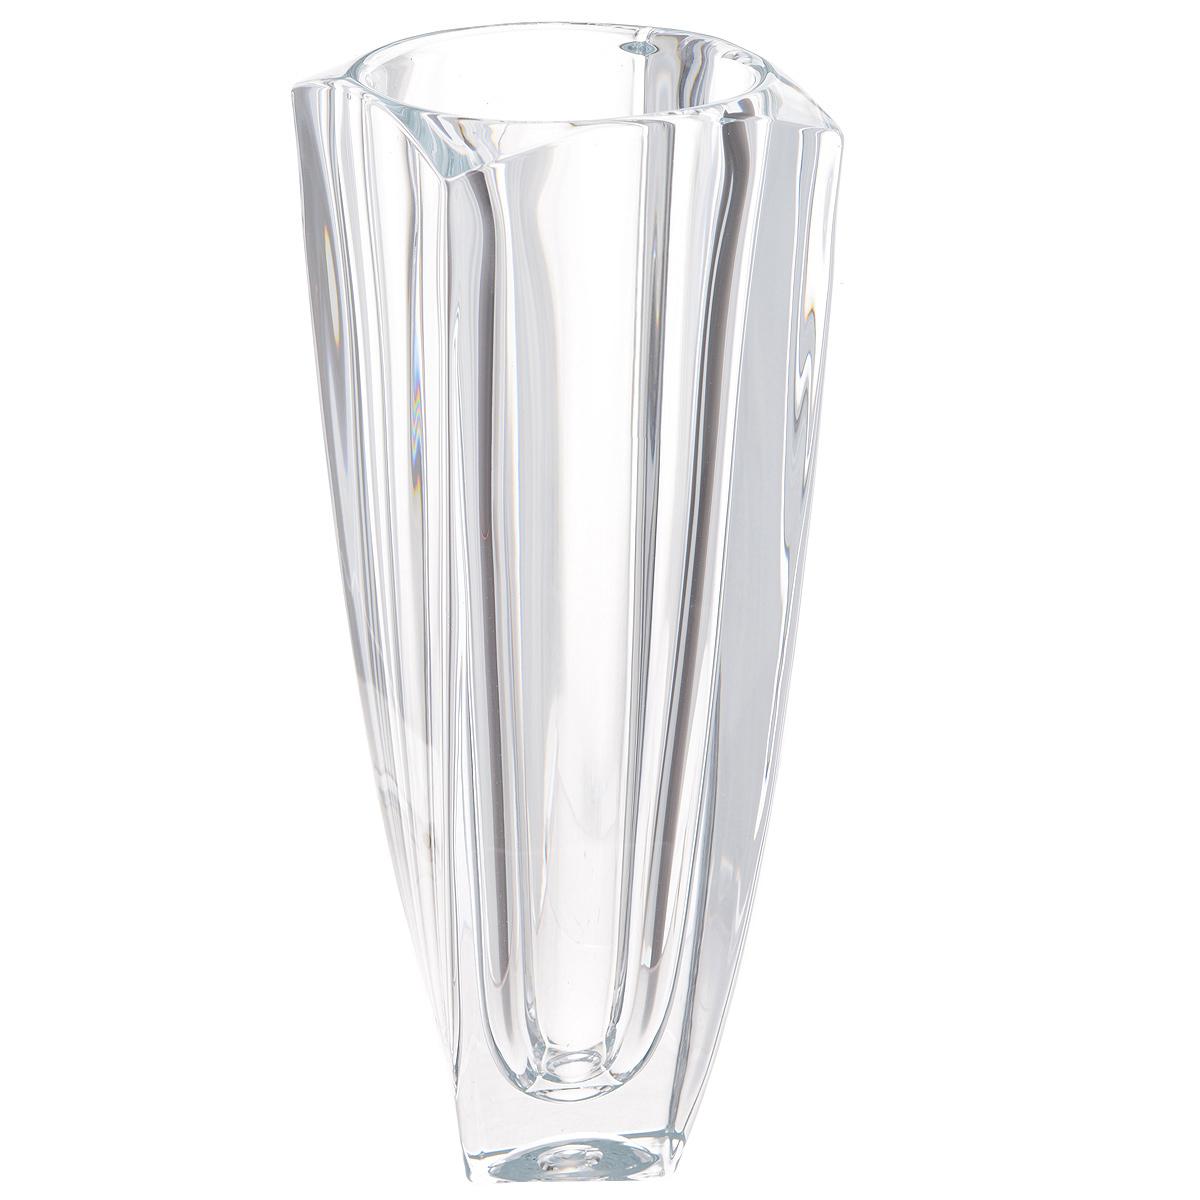 Ваза Crystalite Bohemia Ареззо, высота 28 см8KG17/0/99S76/280Изящная ваза Crystalite Bohemia Ареззо изготовлена из прочного утолщенного стекла кристалайт. Она красиво переливается и излучает приятный блеск. Ваза оснащена выгнутыми верхними краями и слегка закрученными к низу гранями, что делает ее изящным украшением интерьера. Ваза Crystalite Bohemia Ареззо дополнит интерьер офиса или дома и станет желанным и стильным подарком.